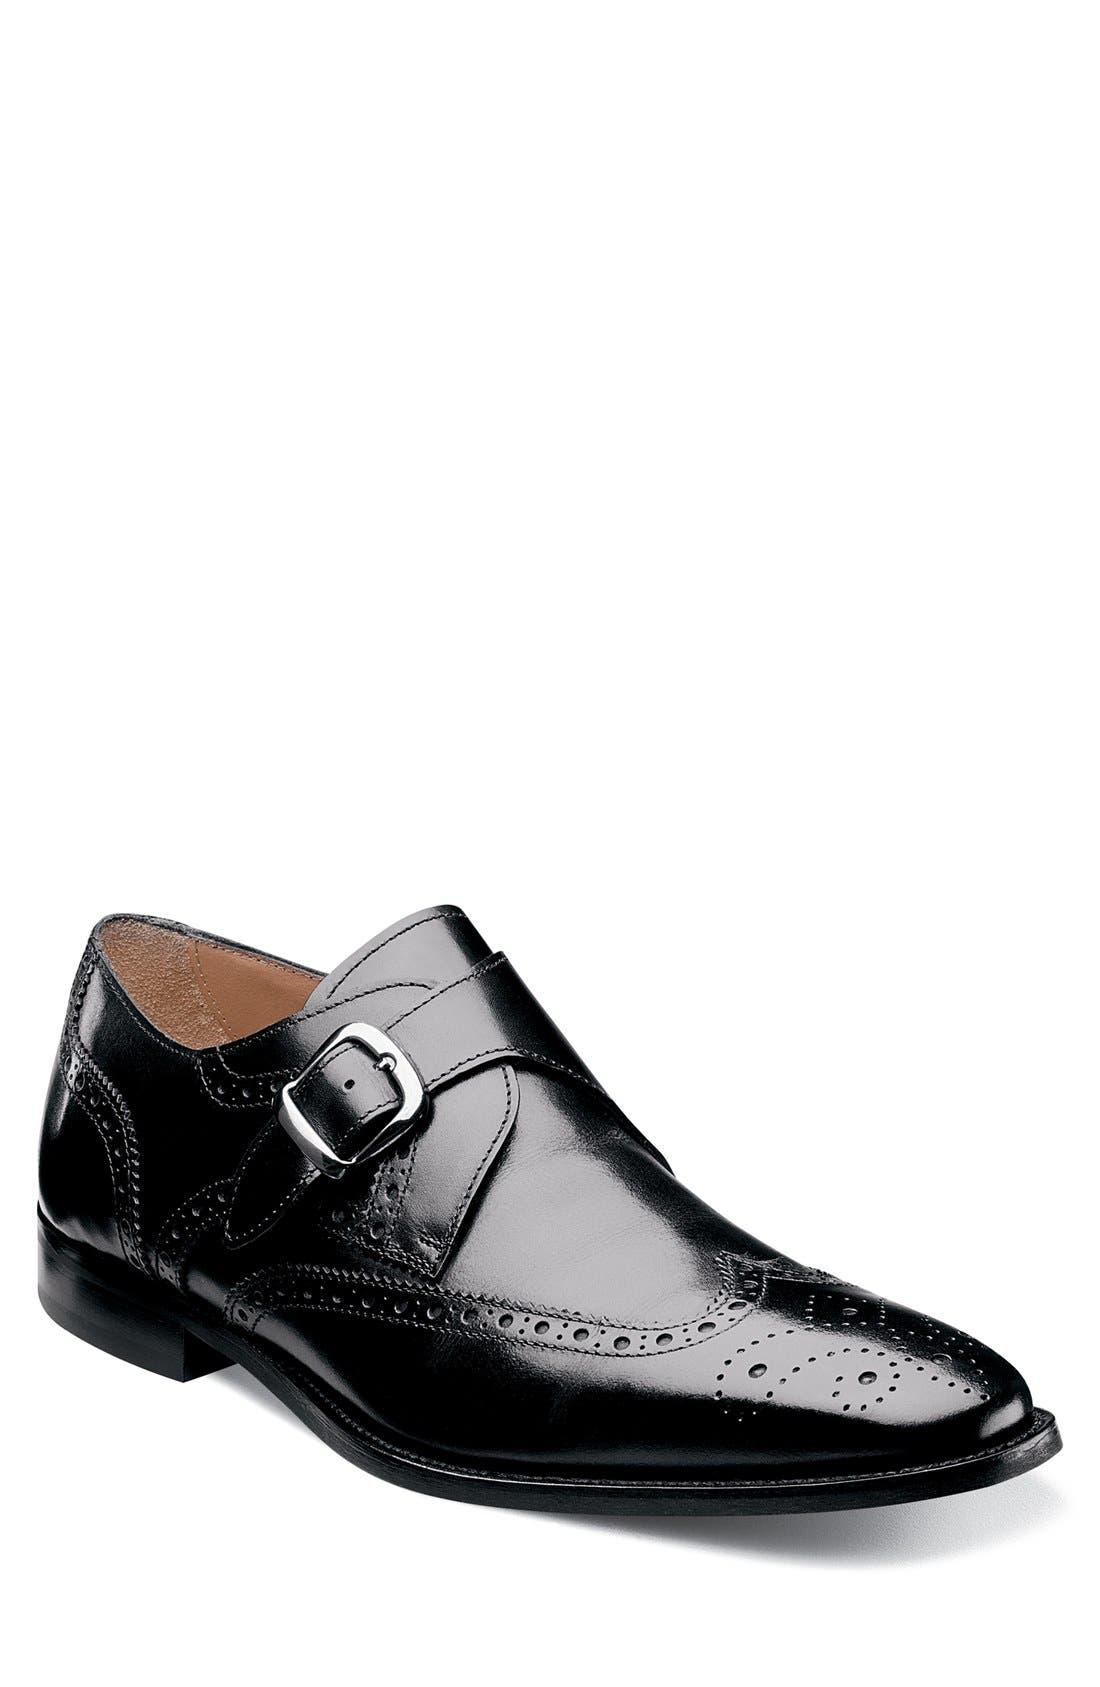 'Sabato' Wingtip Monk Strap Shoe,                         Main,                         color, Black